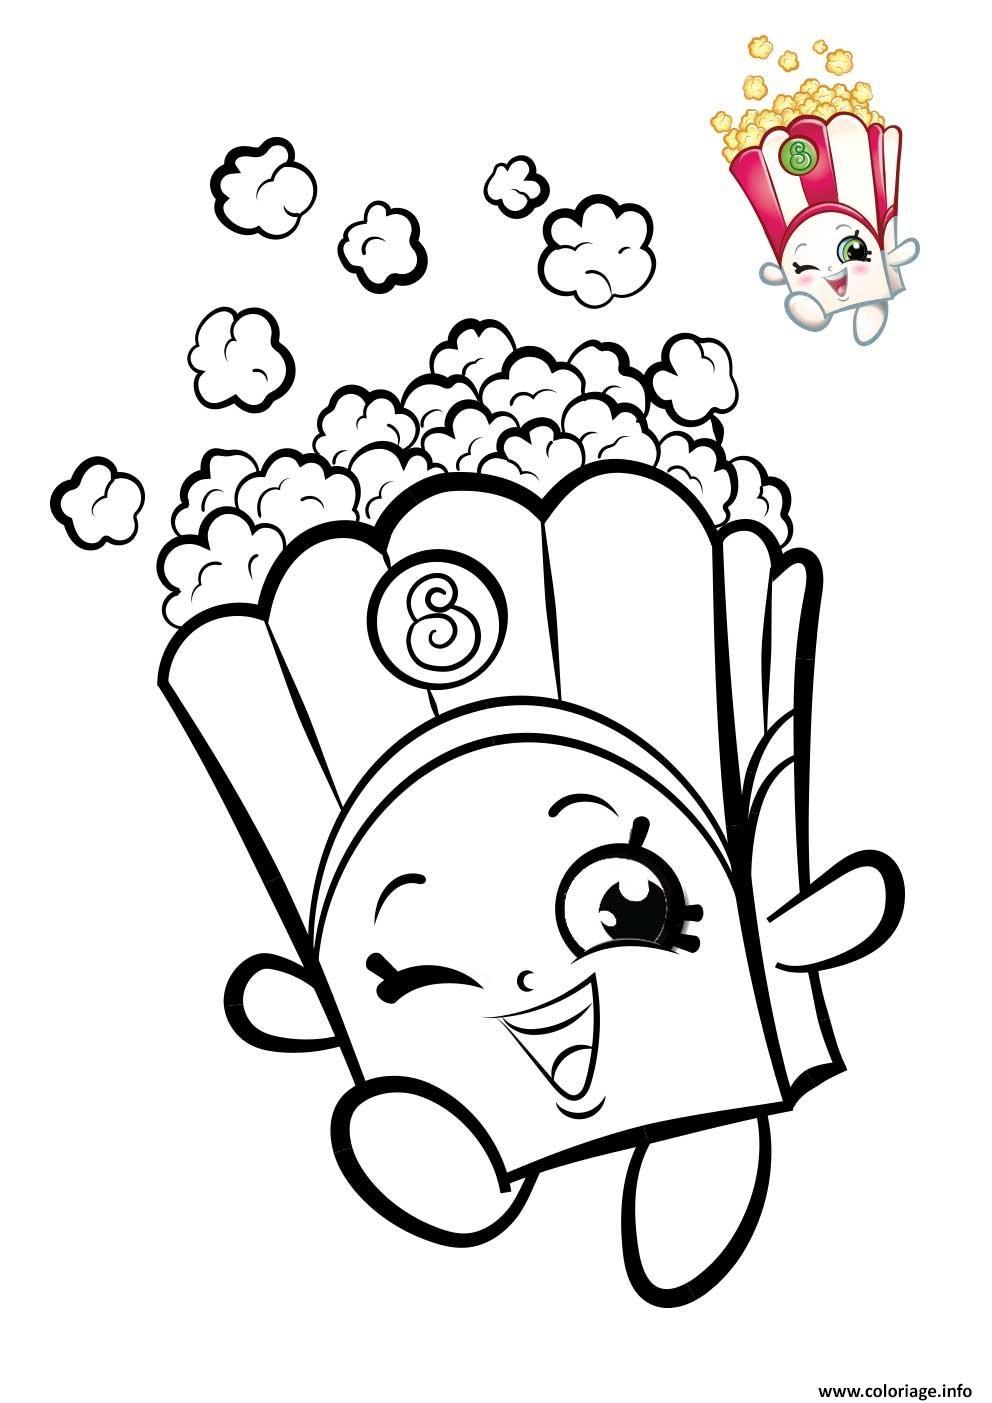 Coloriage Shopkins Popcorn Dessin